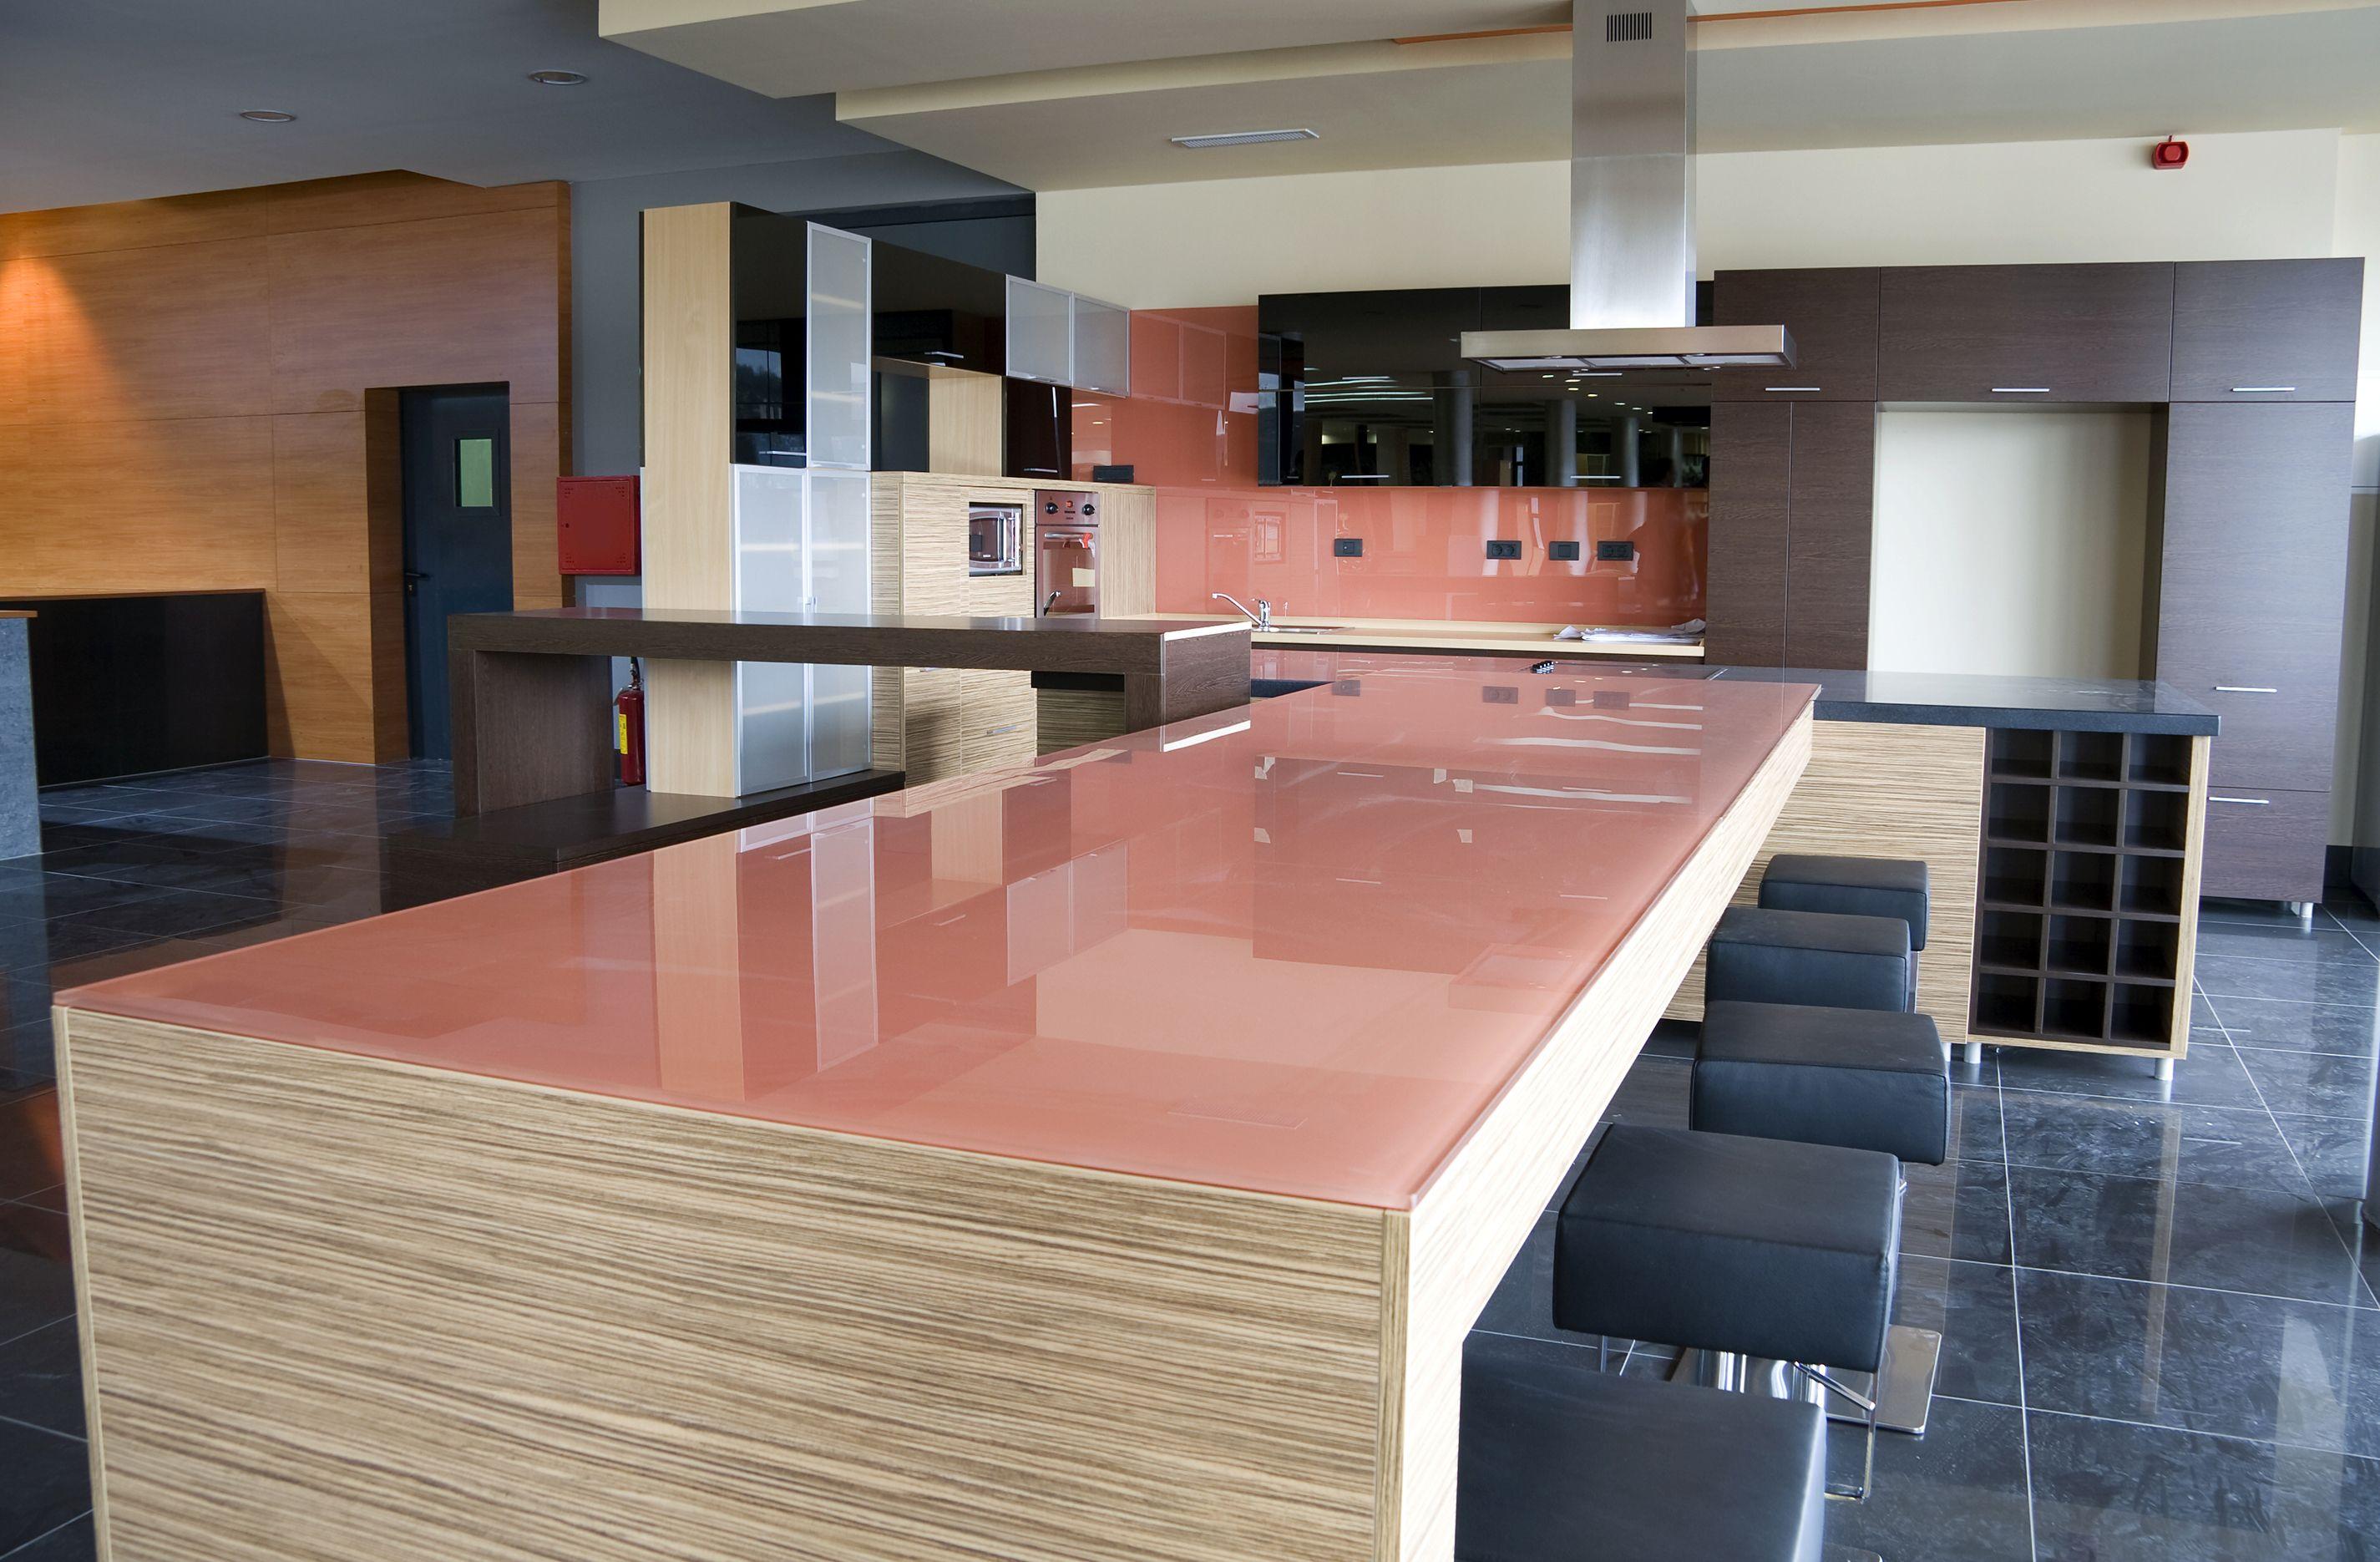 Foto 8 de Diseño de muebles y cocinas en Madrid en Alcobendas  GP Diseño